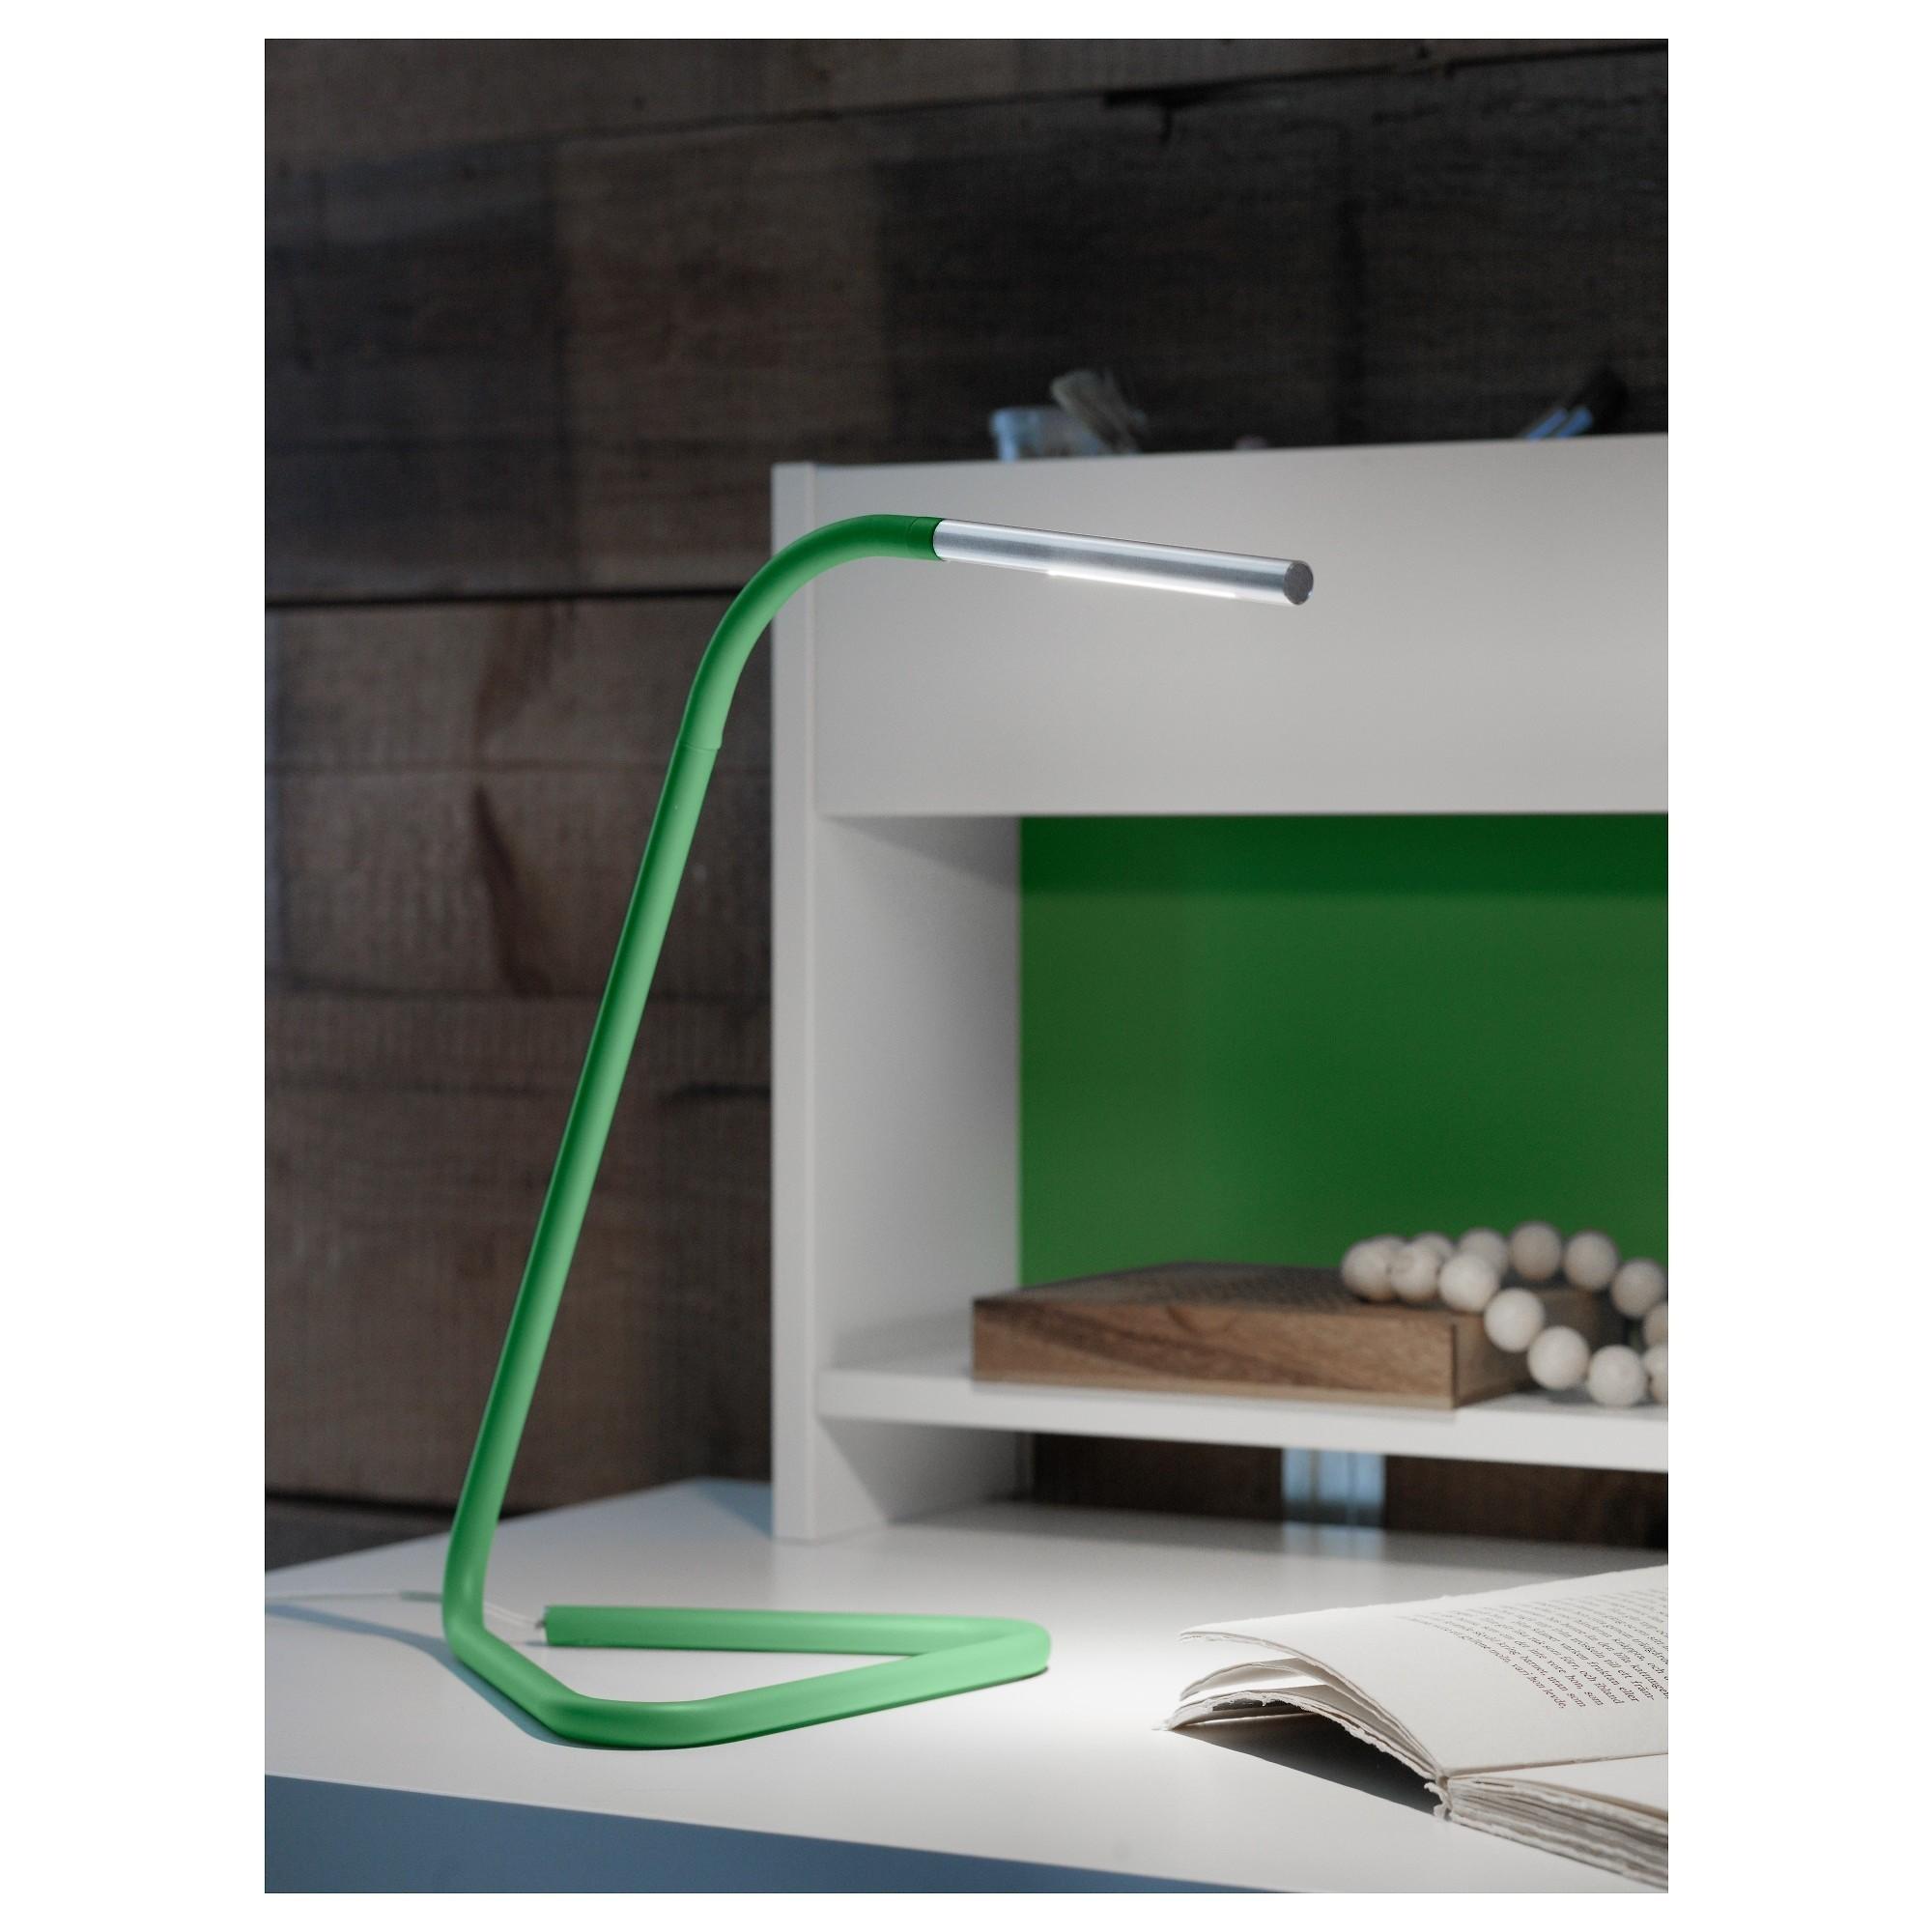 ХОРТЕ Рабочая лампа, светодиодная зеленый, серебристый